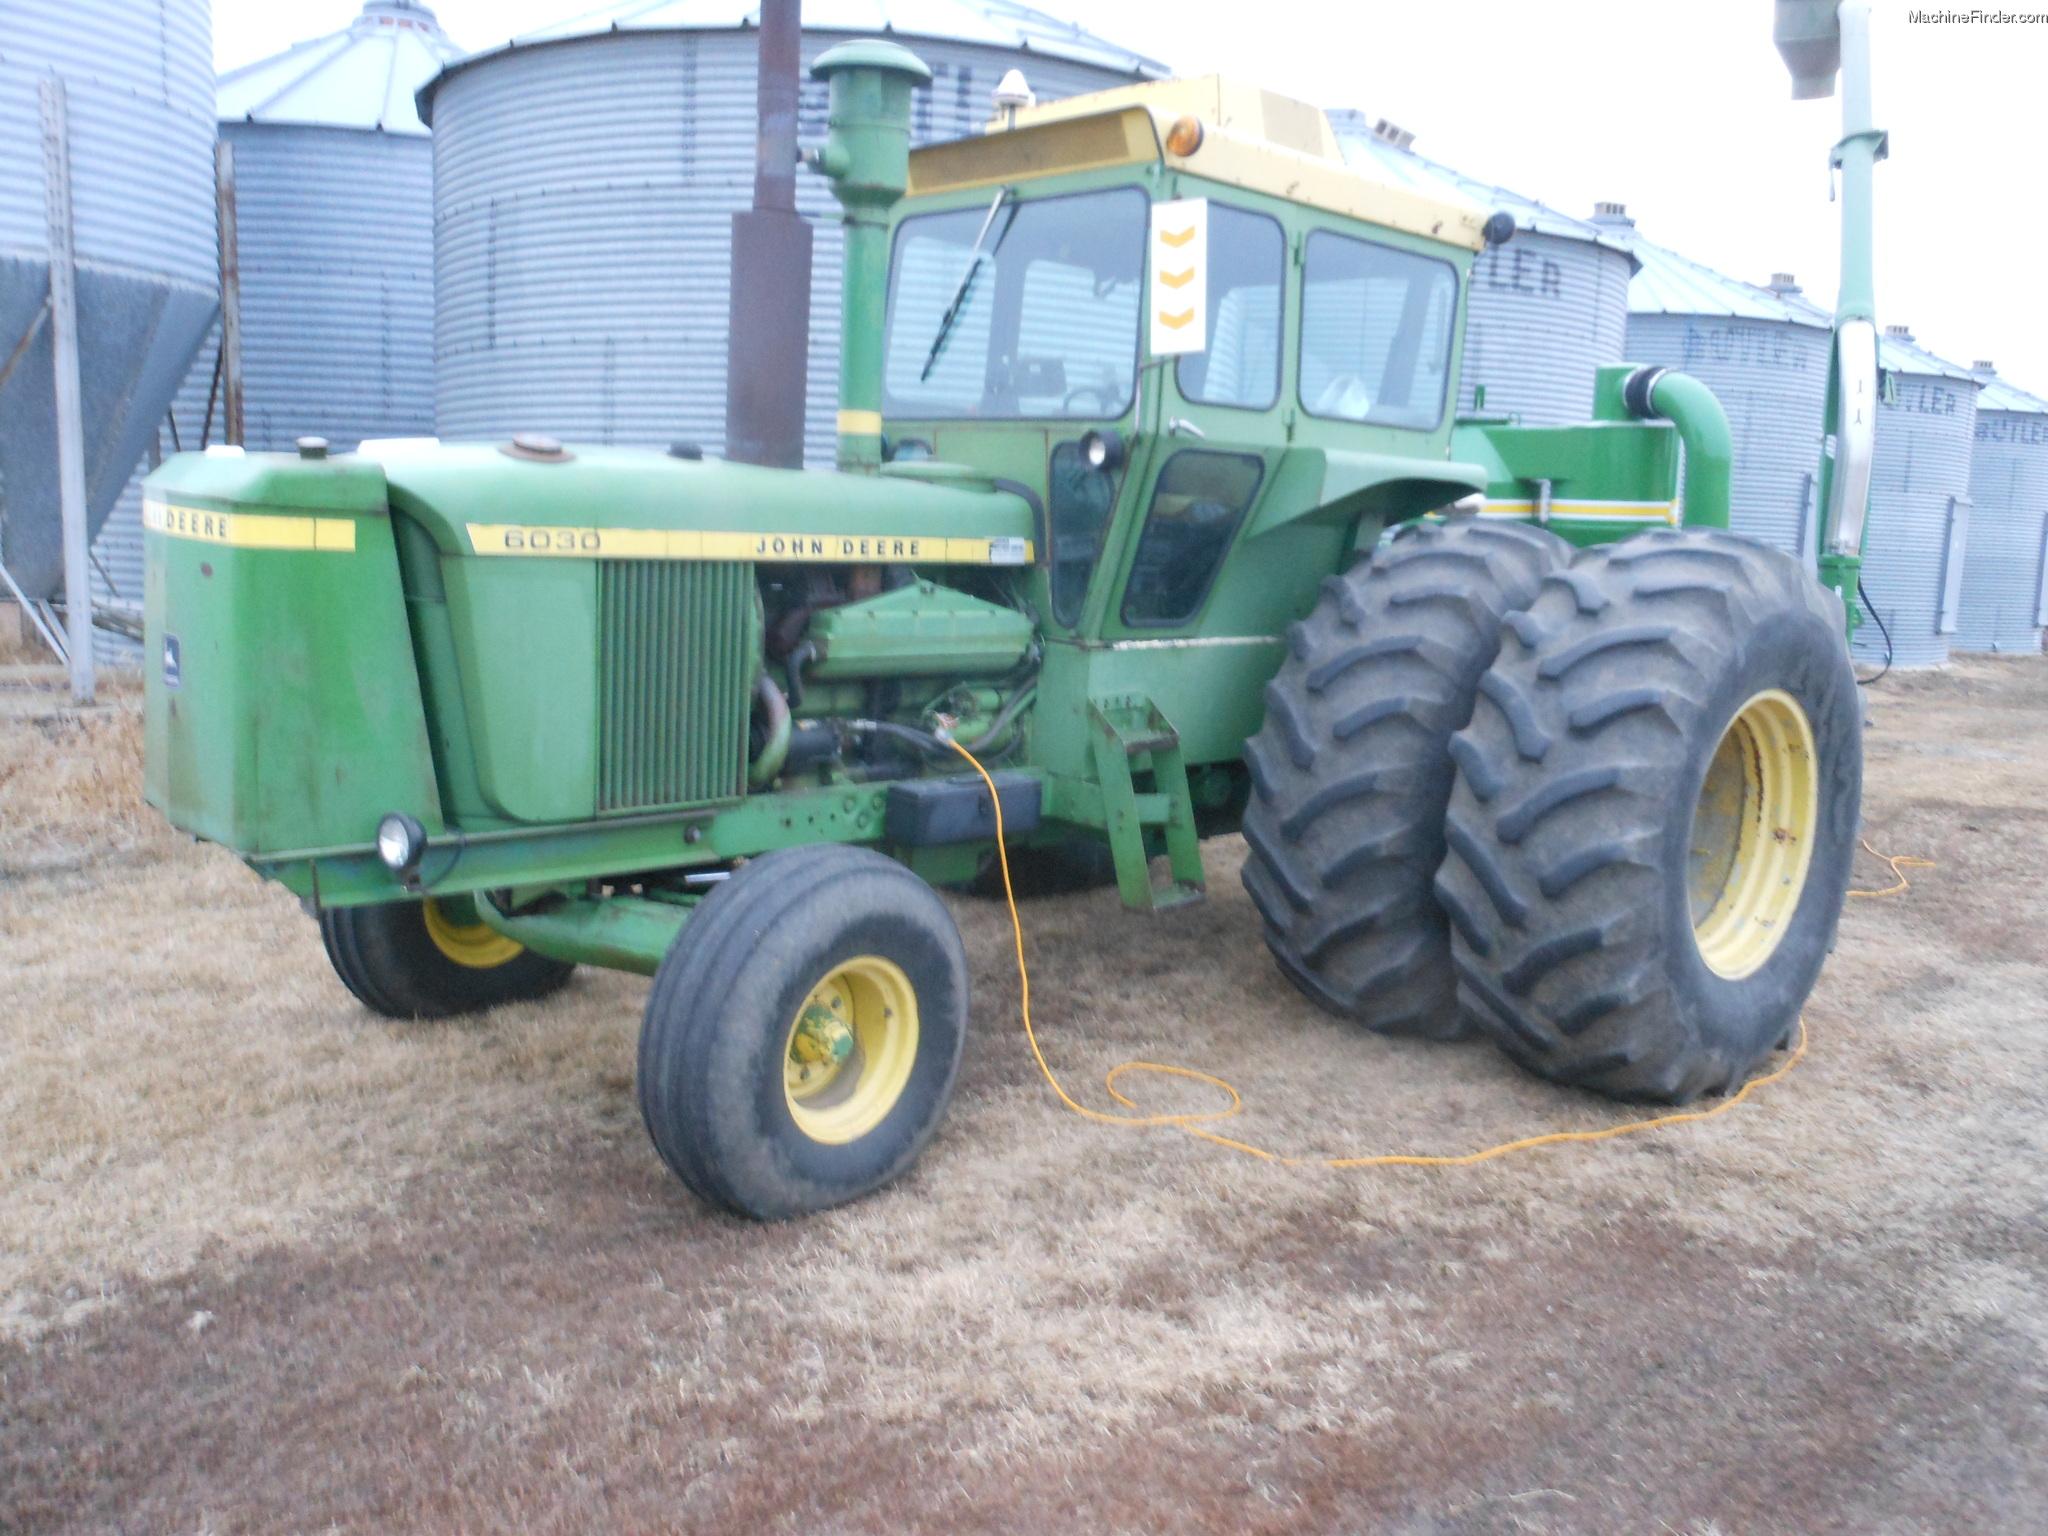 1973 John Deere 6030 Tractors - Row Crop (+100hp) - John ...